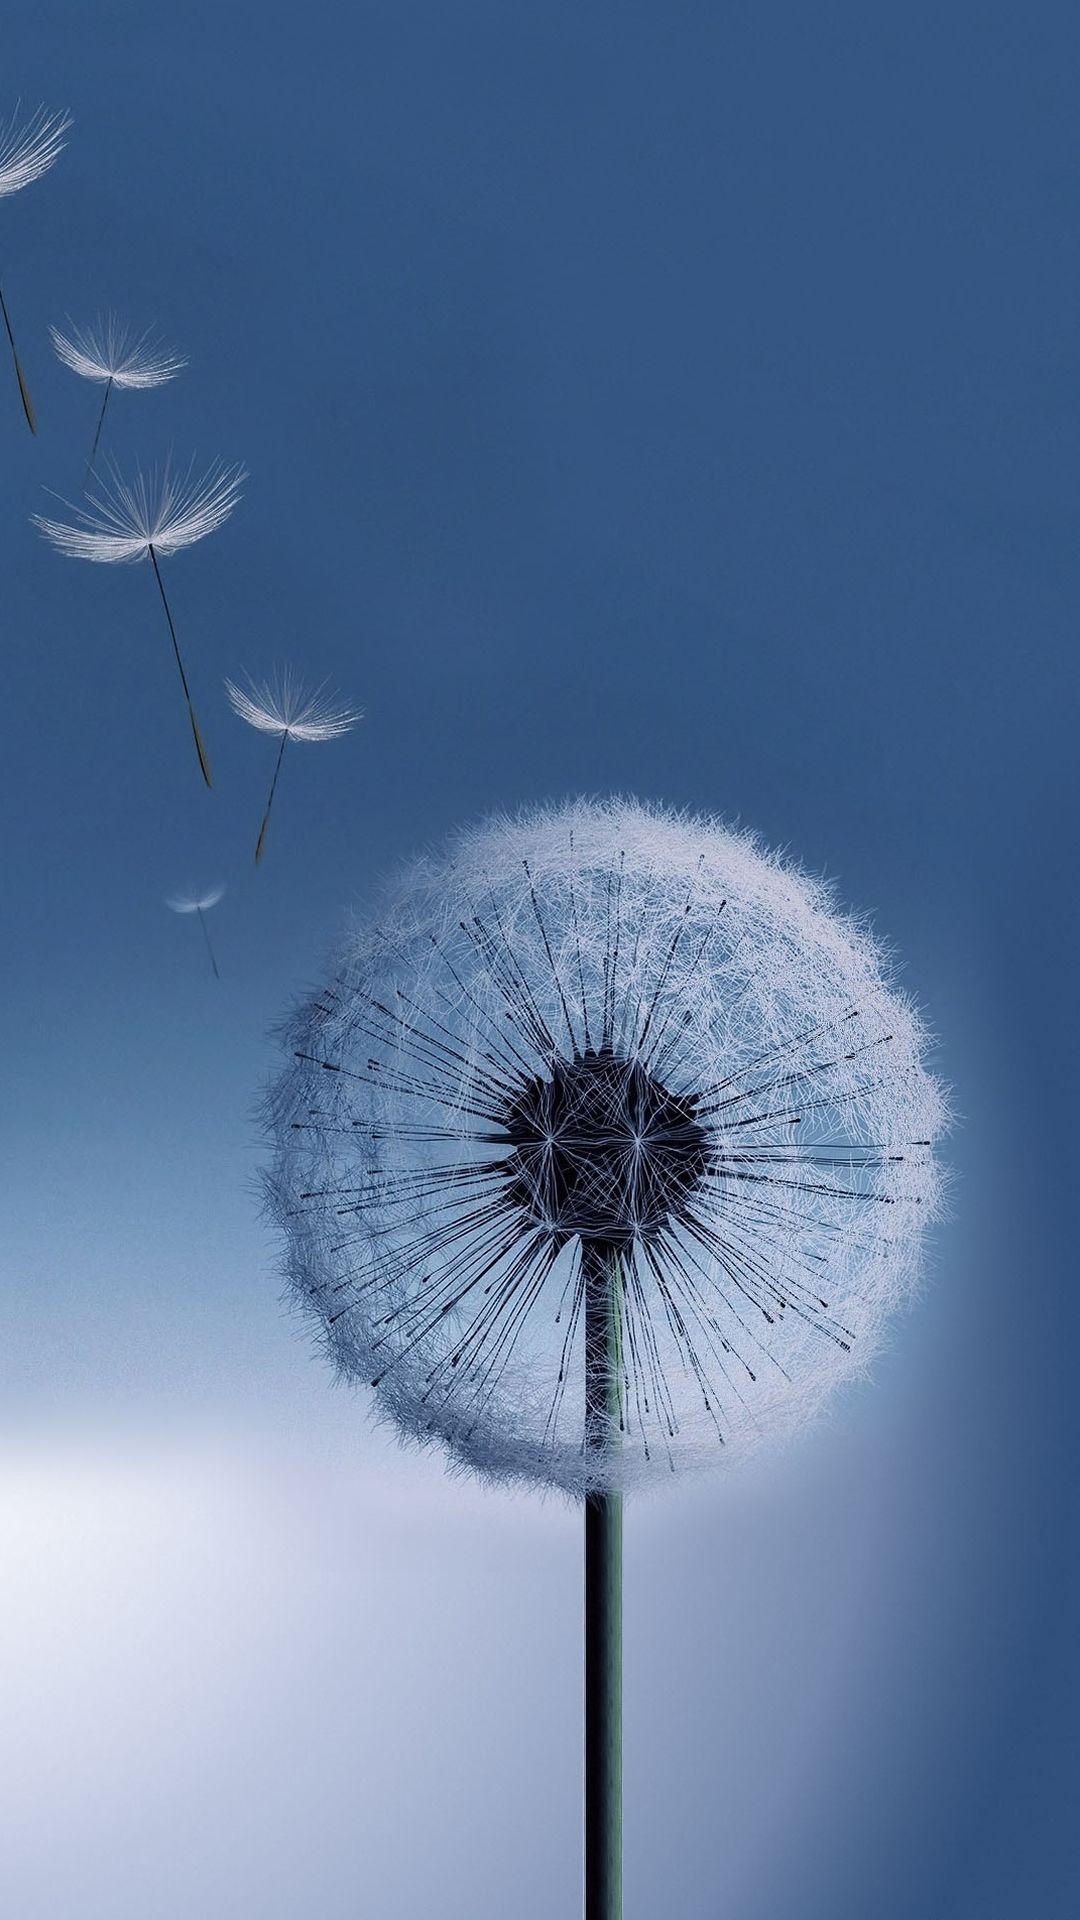 Tap And Get The Free App Nature Flying Dandelion Blue Melancholy Wind Unicolor Simple Hd Ip Hintergrund Landschaft Hintergrundbilder Hintergrundbilder Natur